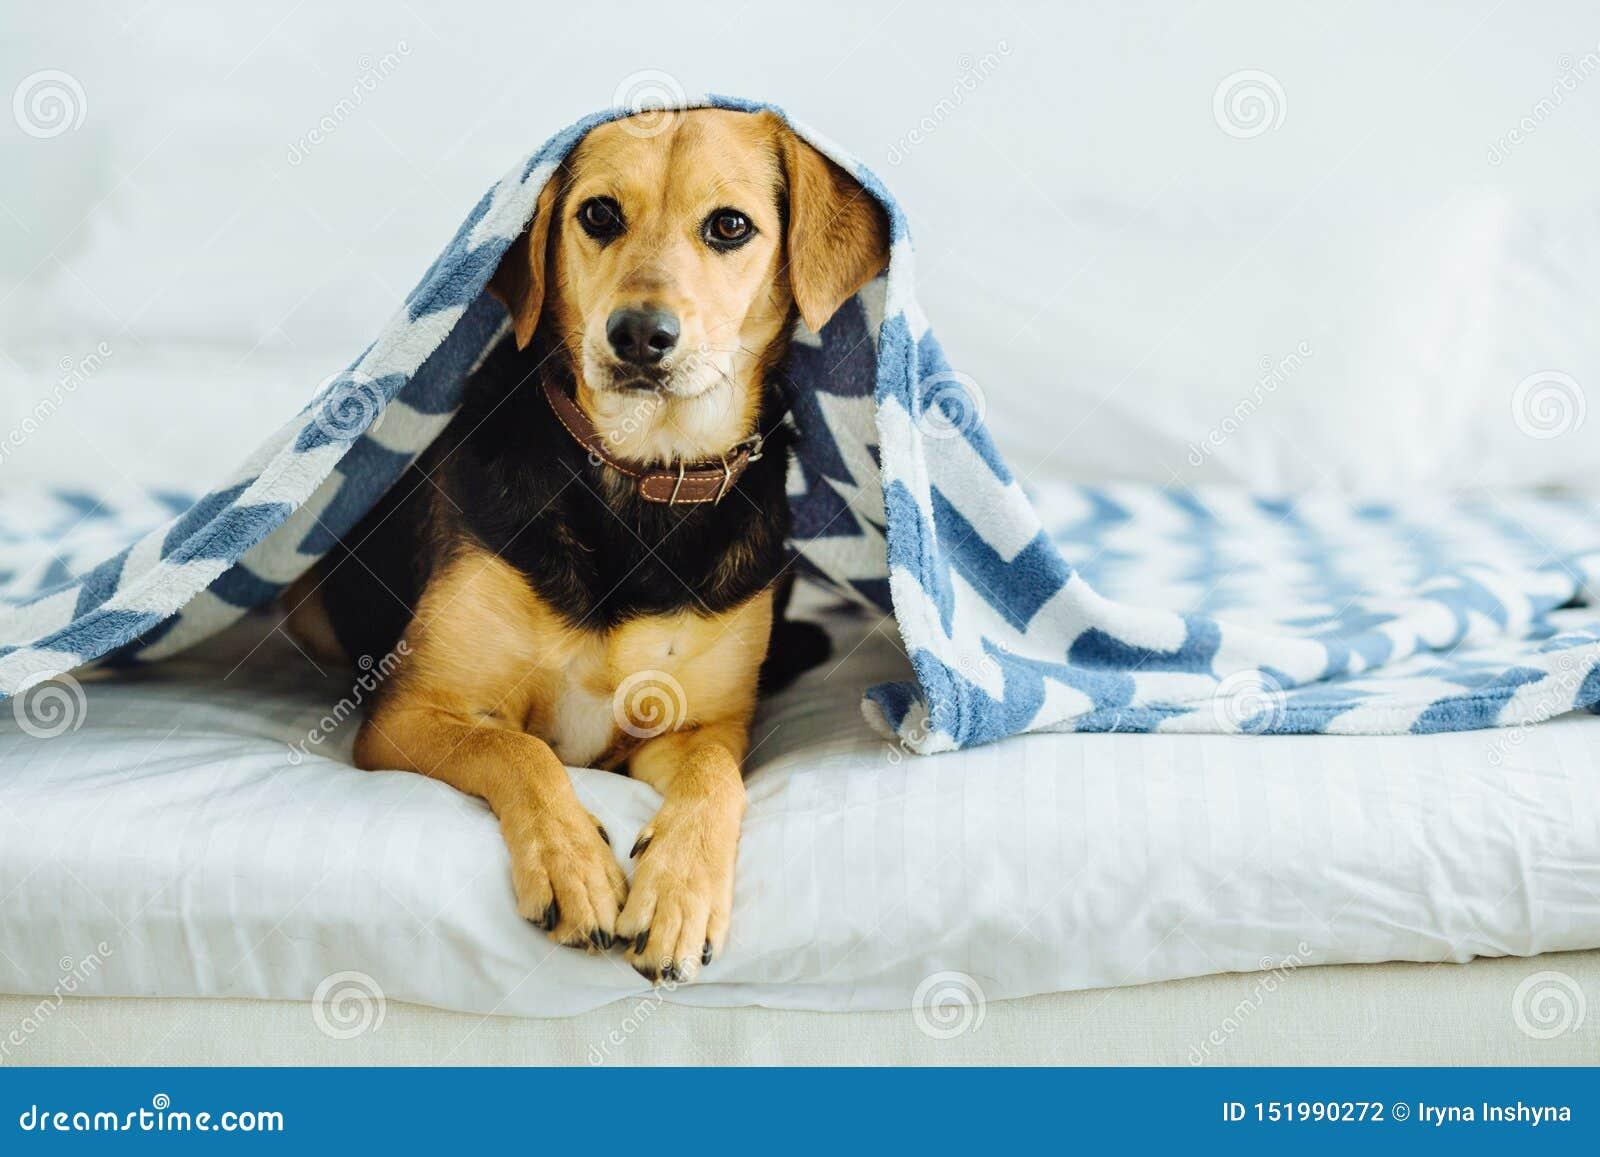 Den söta hunden kikar ut från under filtarna Husdjuret ligger på sängen Avslappnande och hemtrevlig hem- comcept